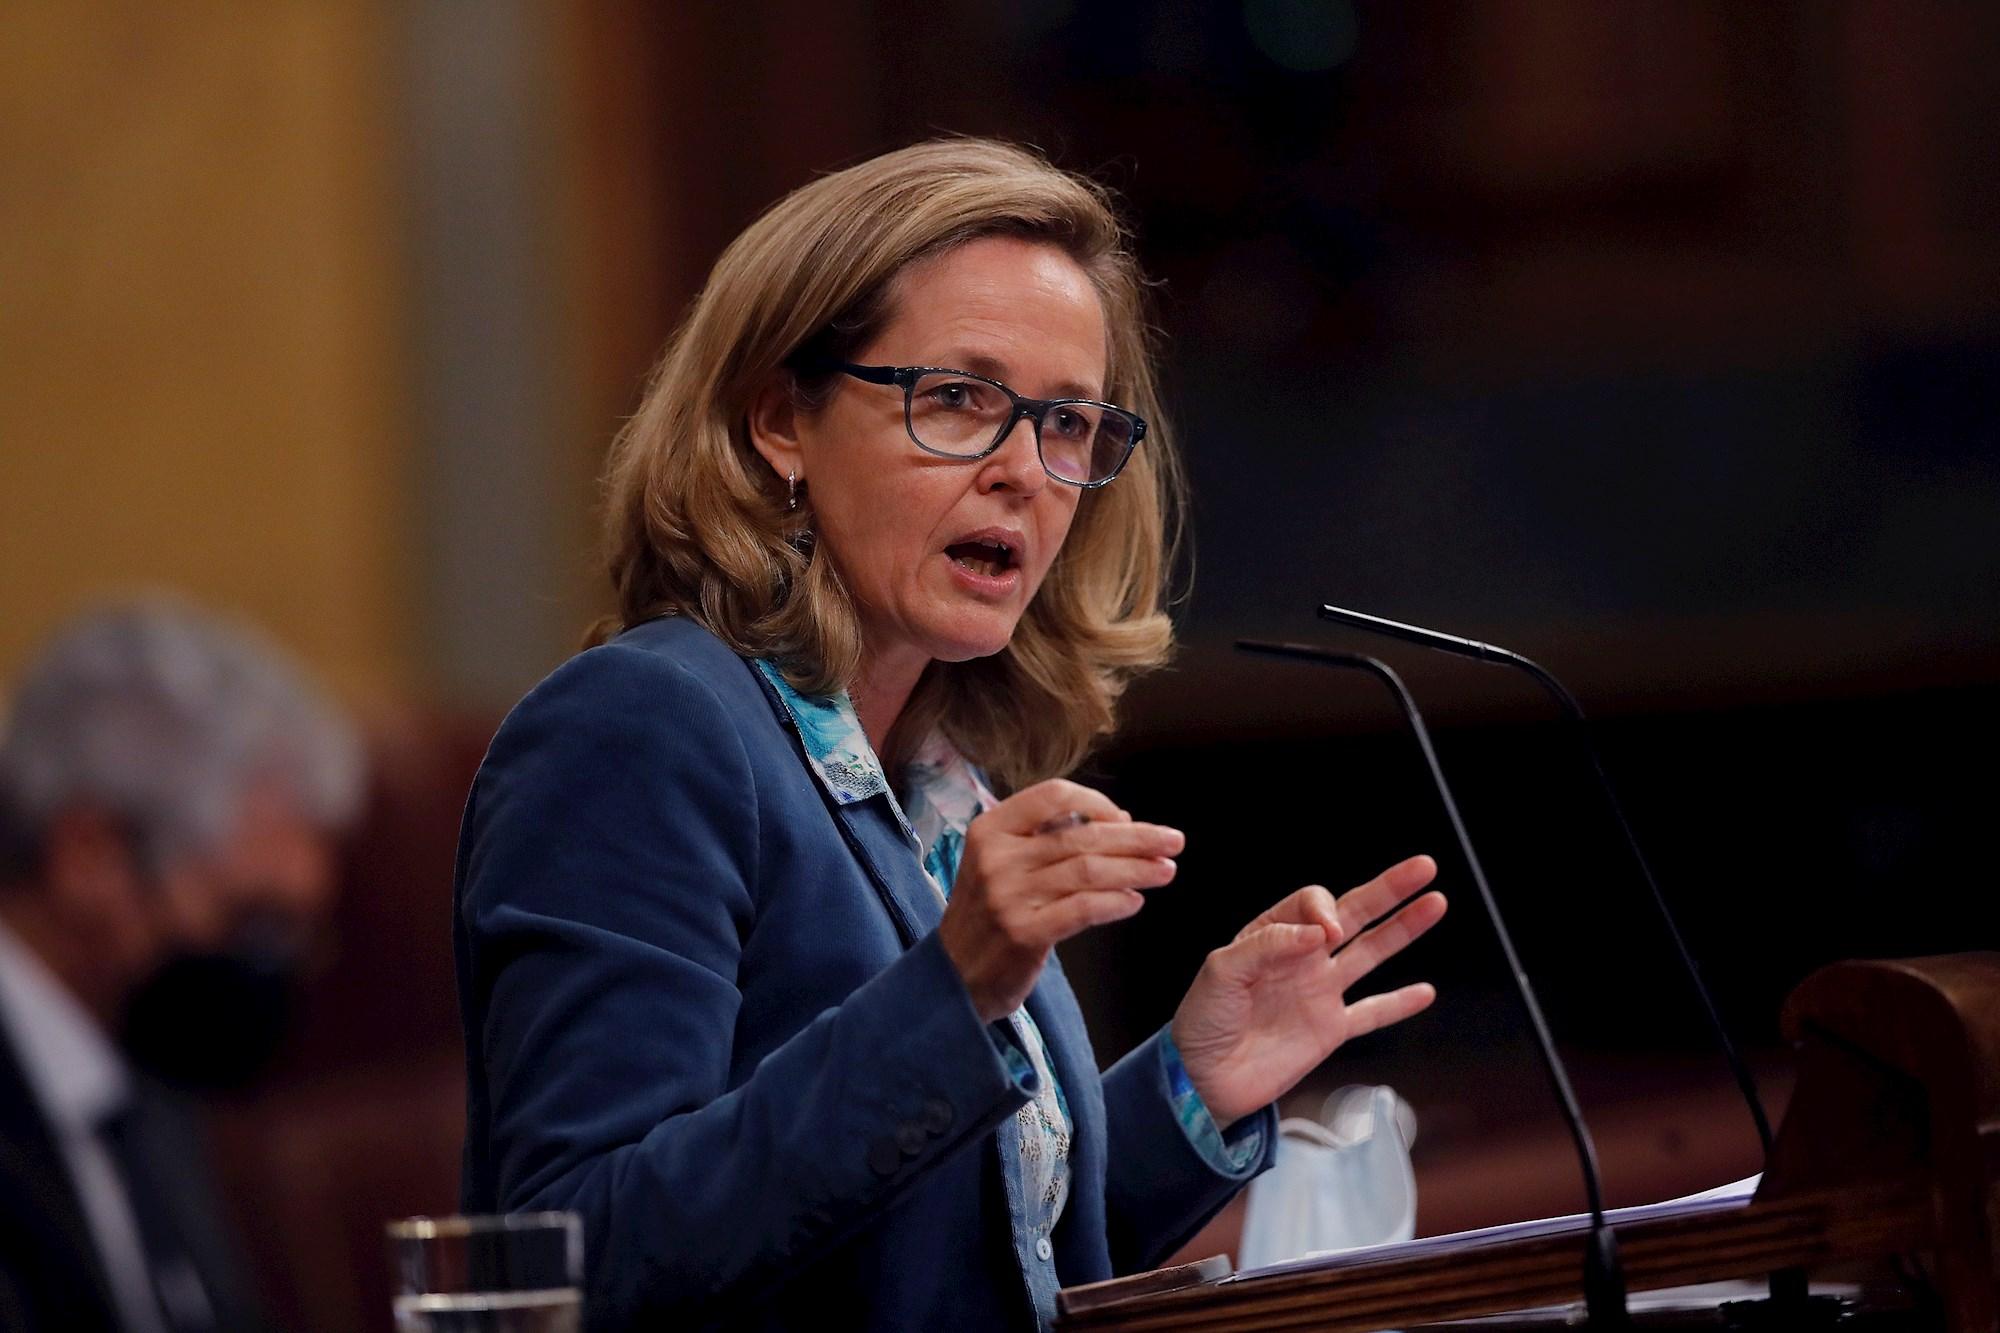 La vicepresidenta tercera y ministra de Asuntos Económicos, Nadia Calviño, interviene durante la sesión de control del 17 de febrero de 2021 en el Congreso | EFE/JCH